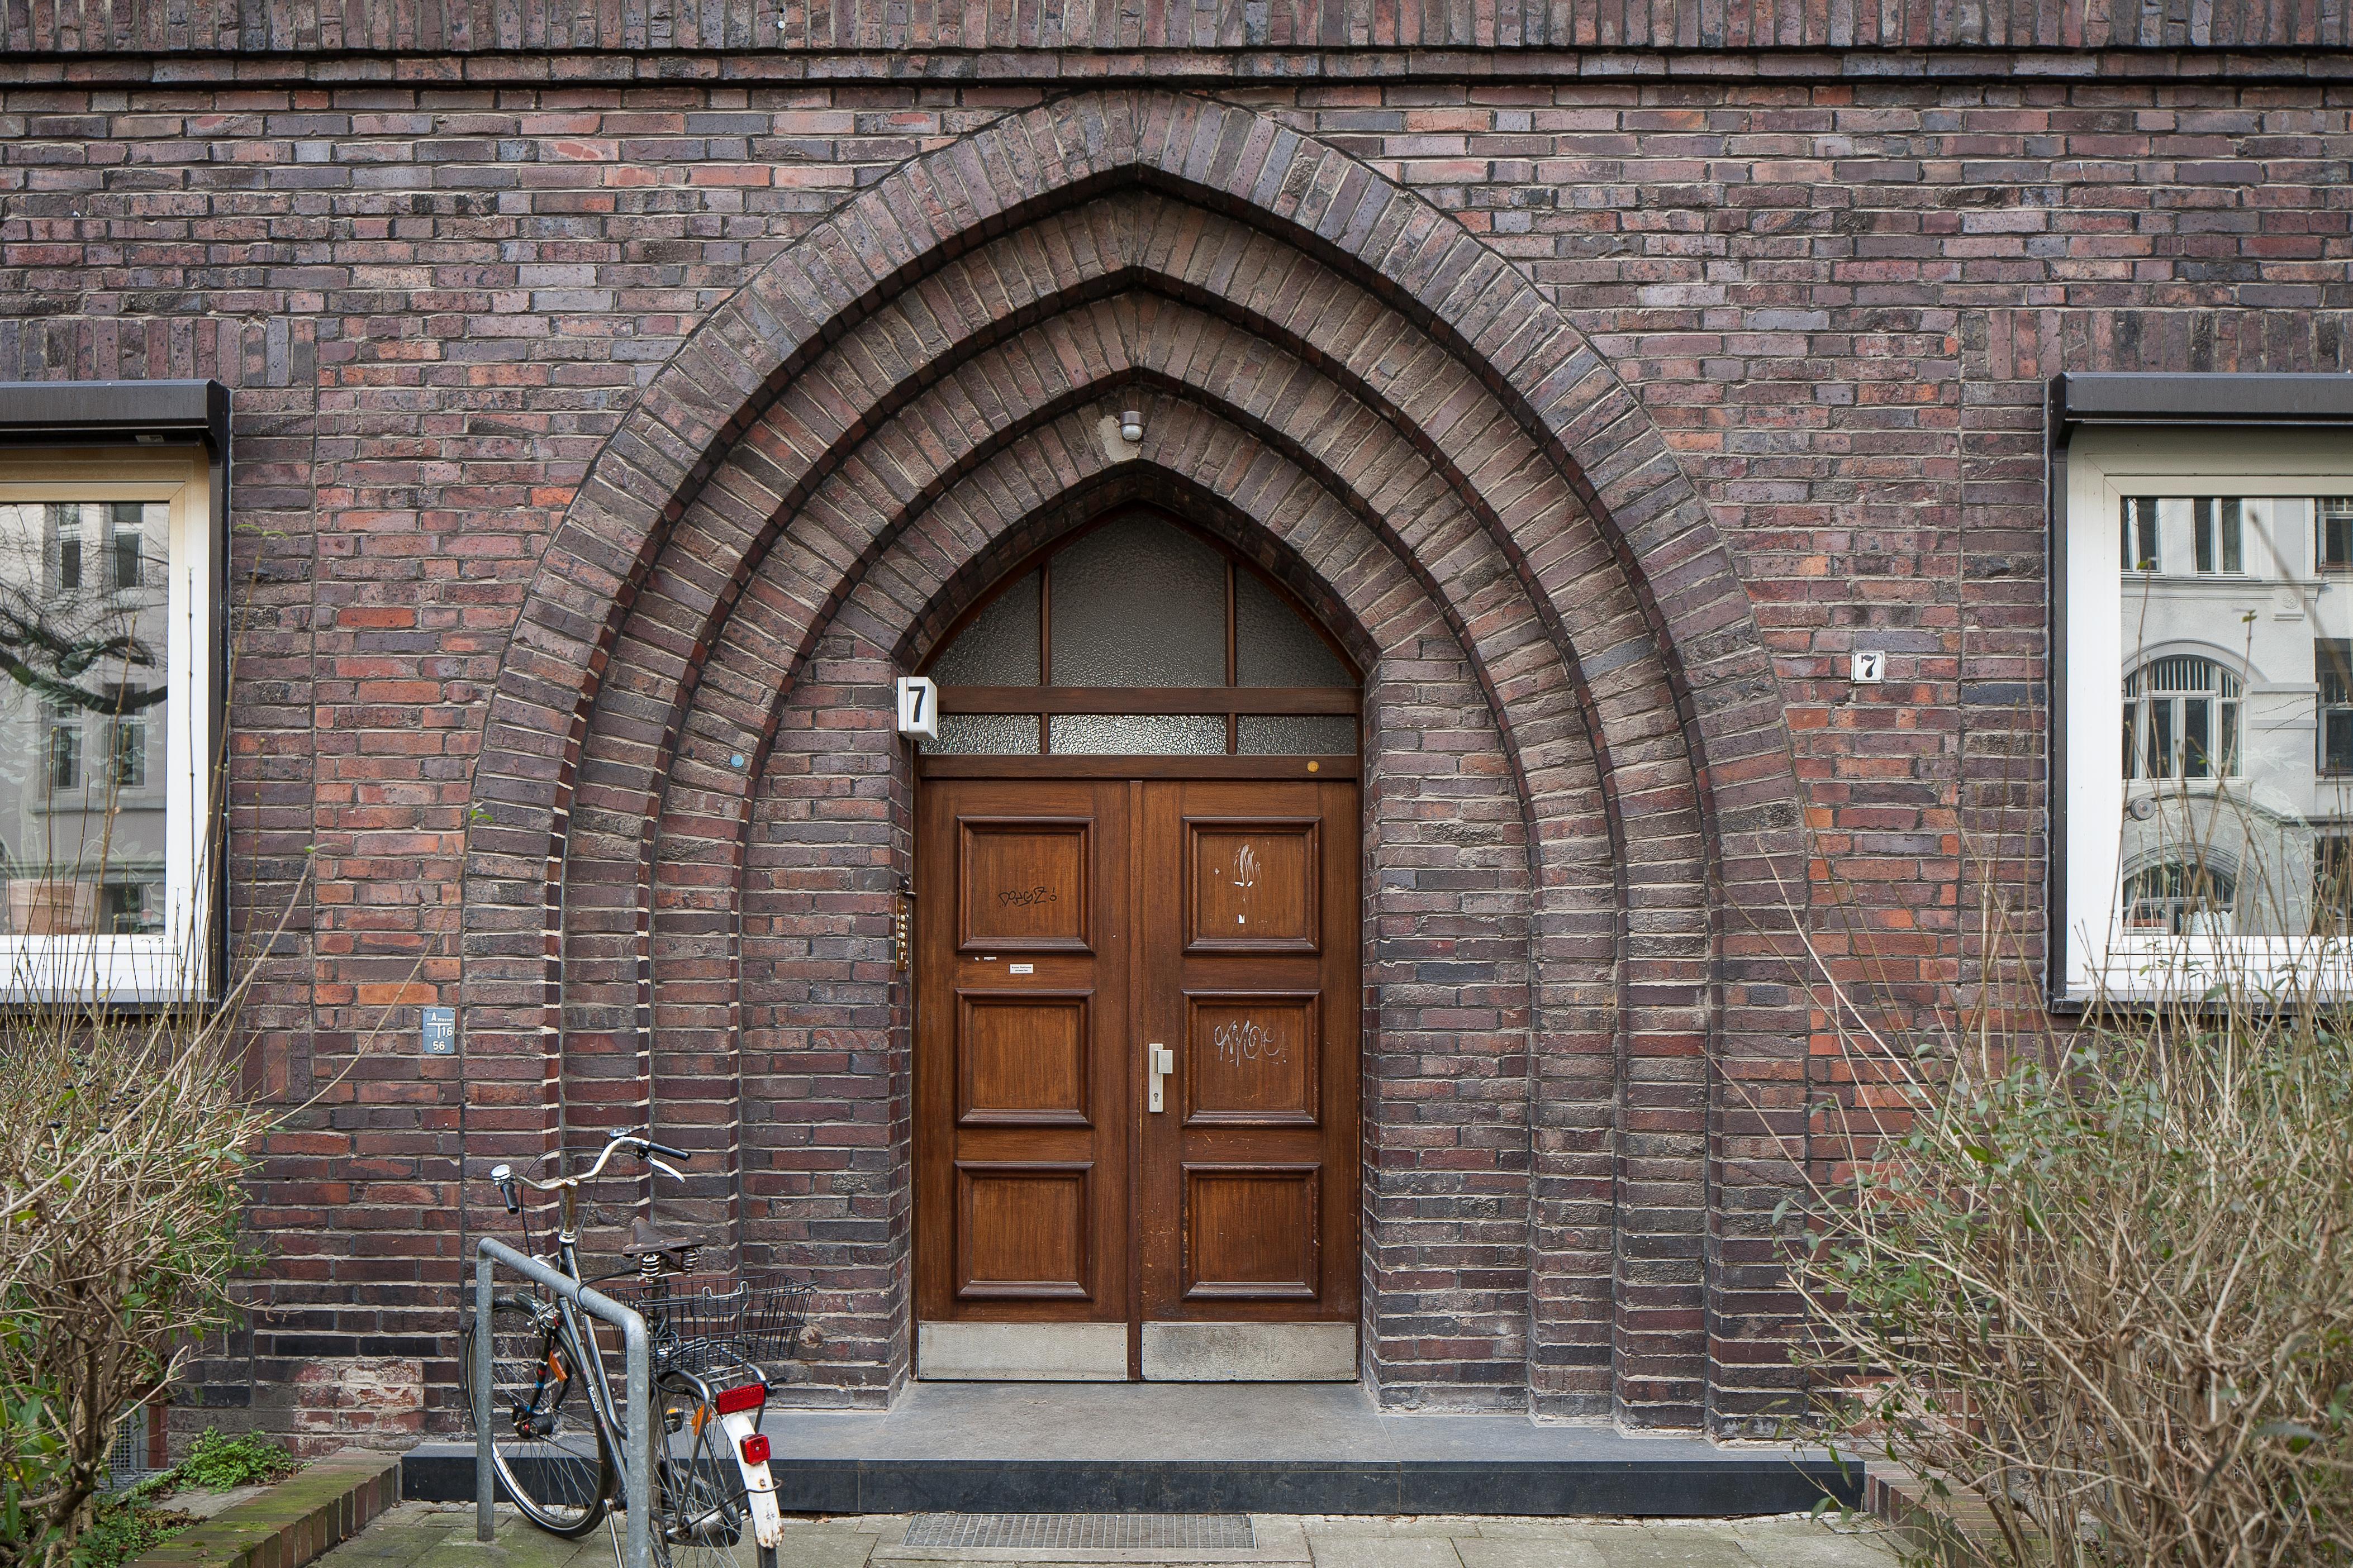 File:Apartment Building Door Kuechengartenstrasse Linden Hanover Germany